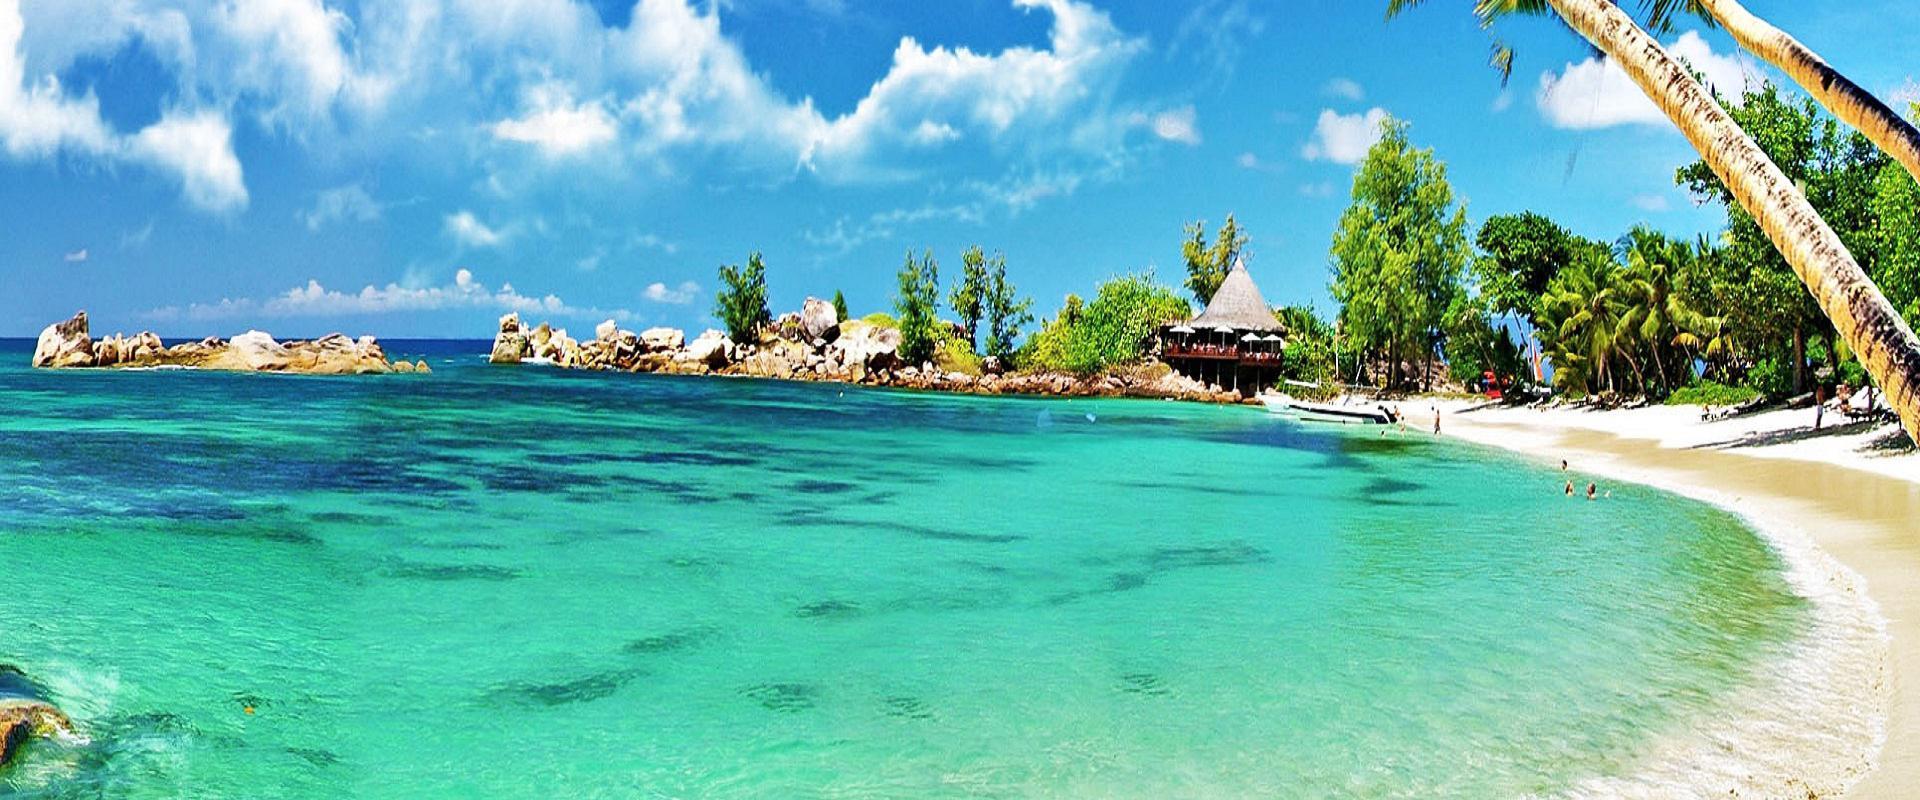 Paket Tour Wakatobi Murah